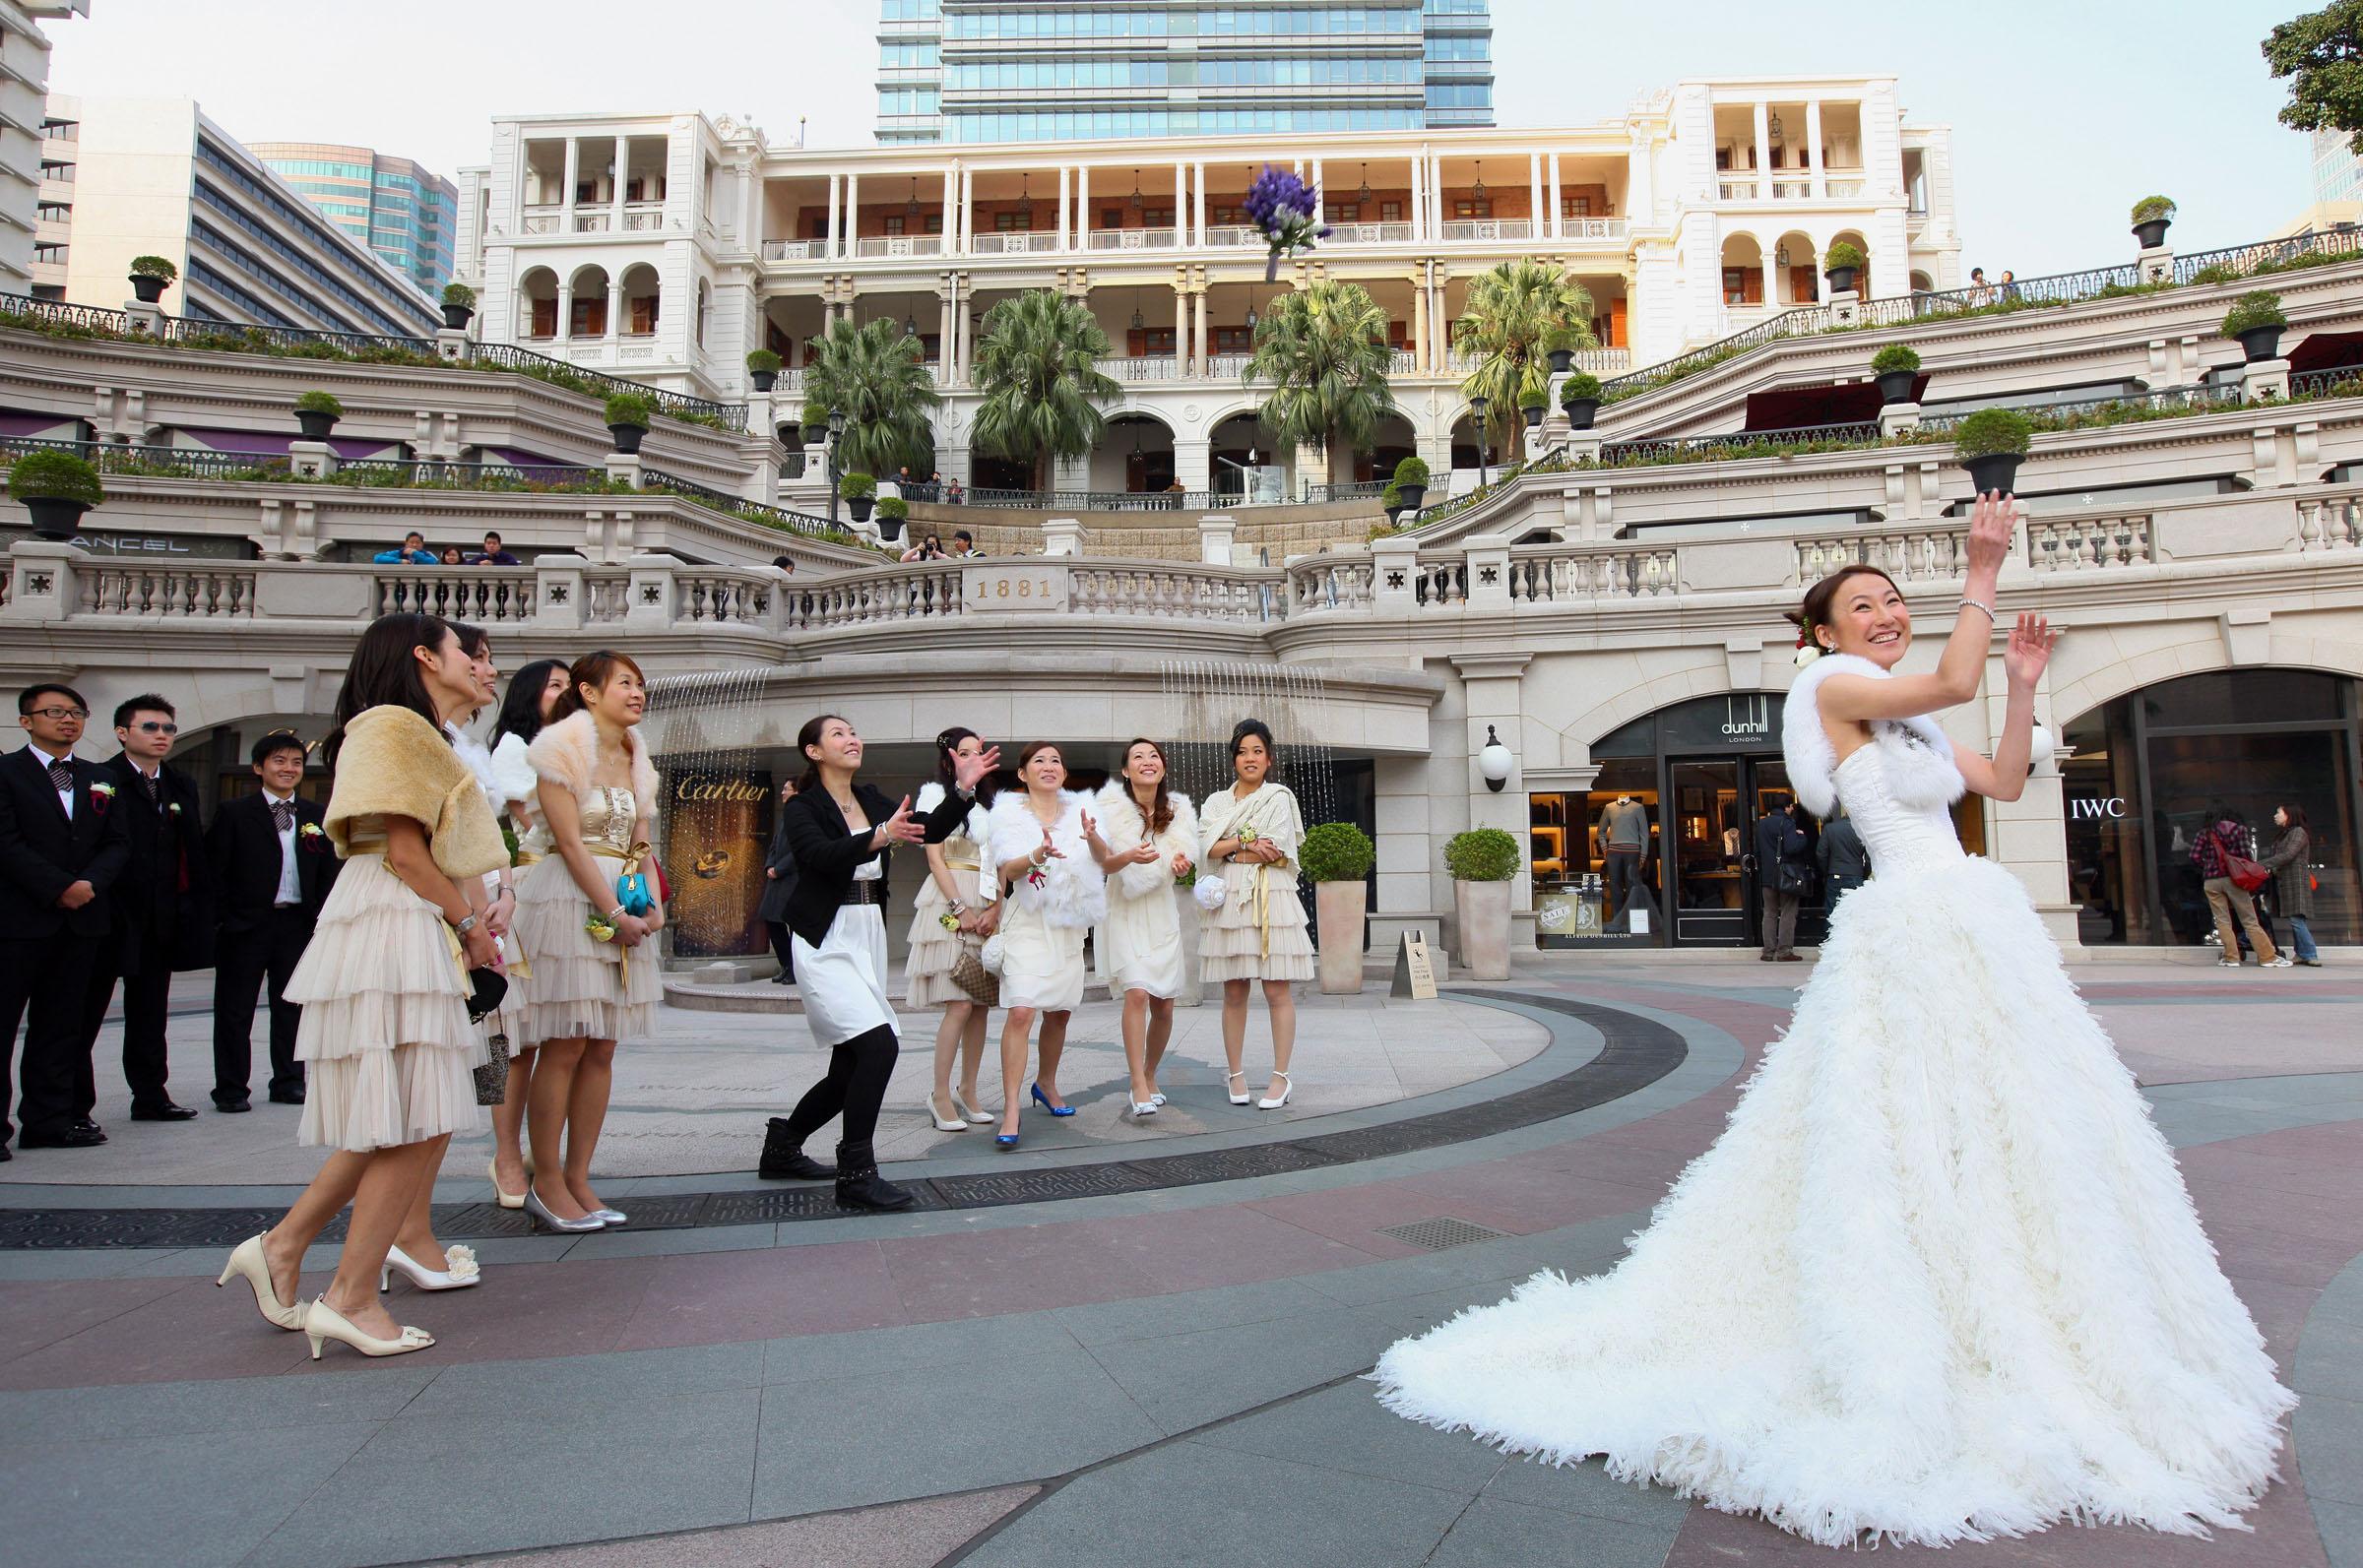 National heritage wedding